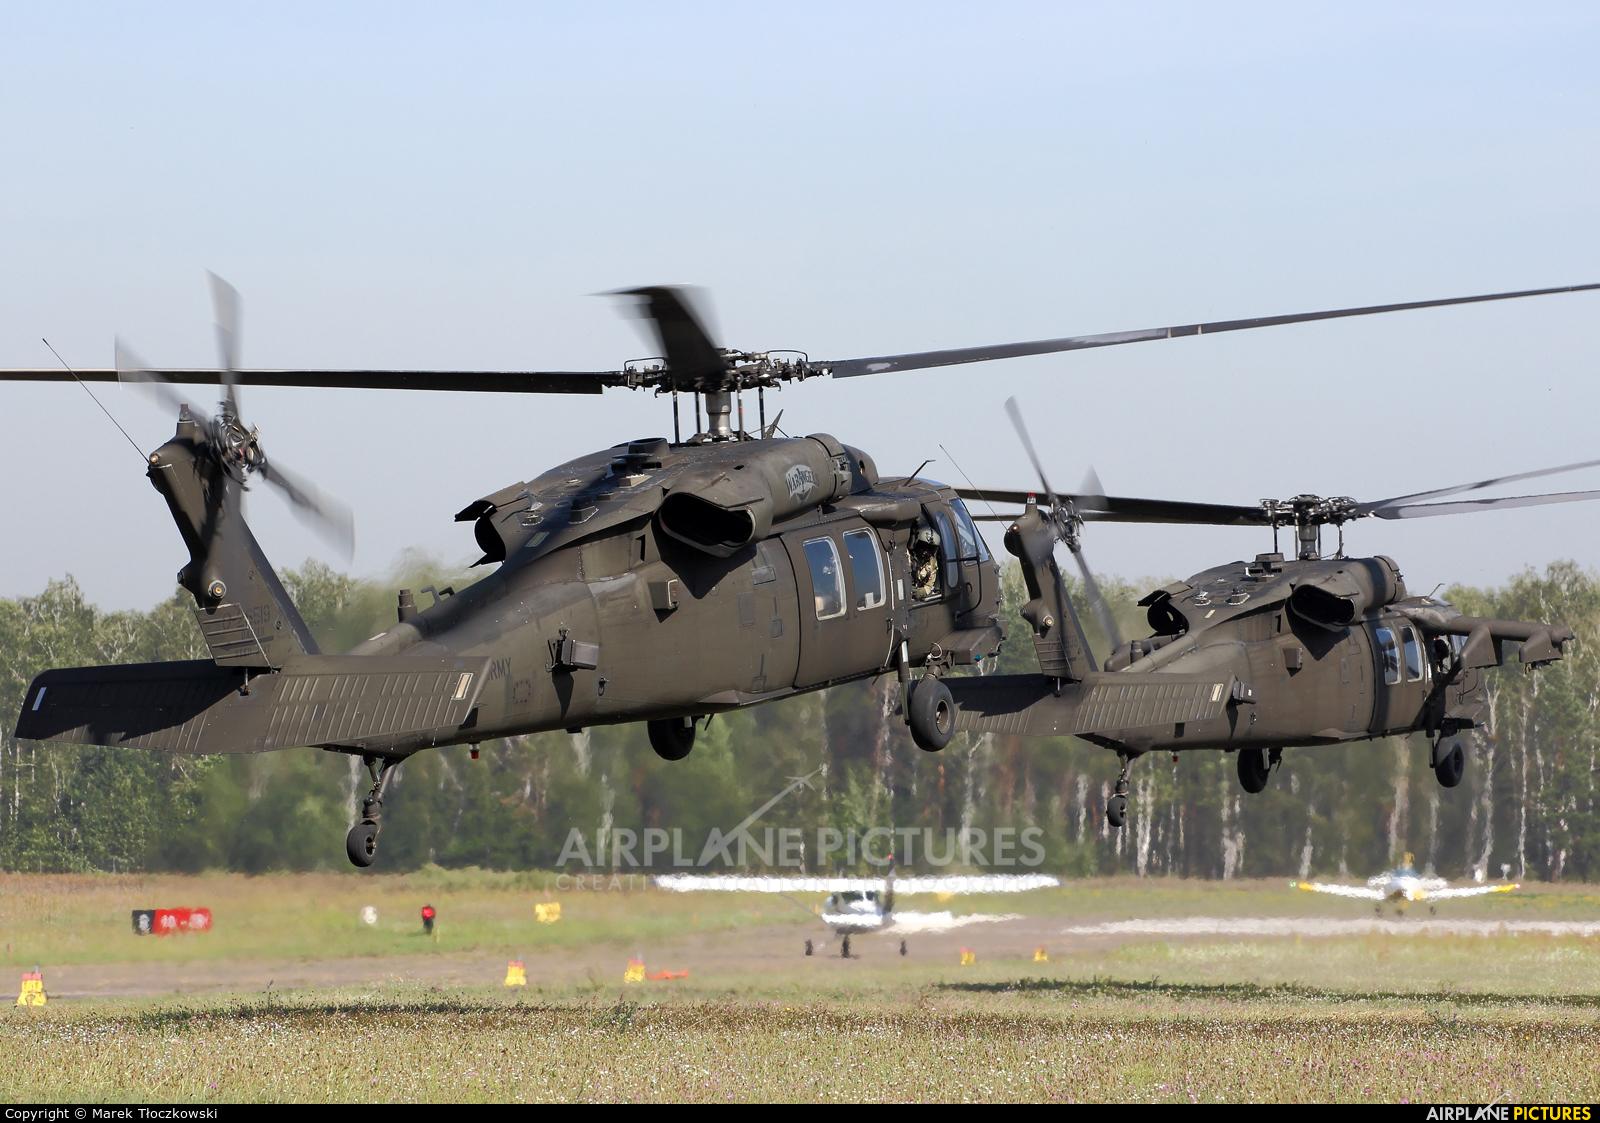 USA - Army 93-26519 aircraft at Warsaw - Babice